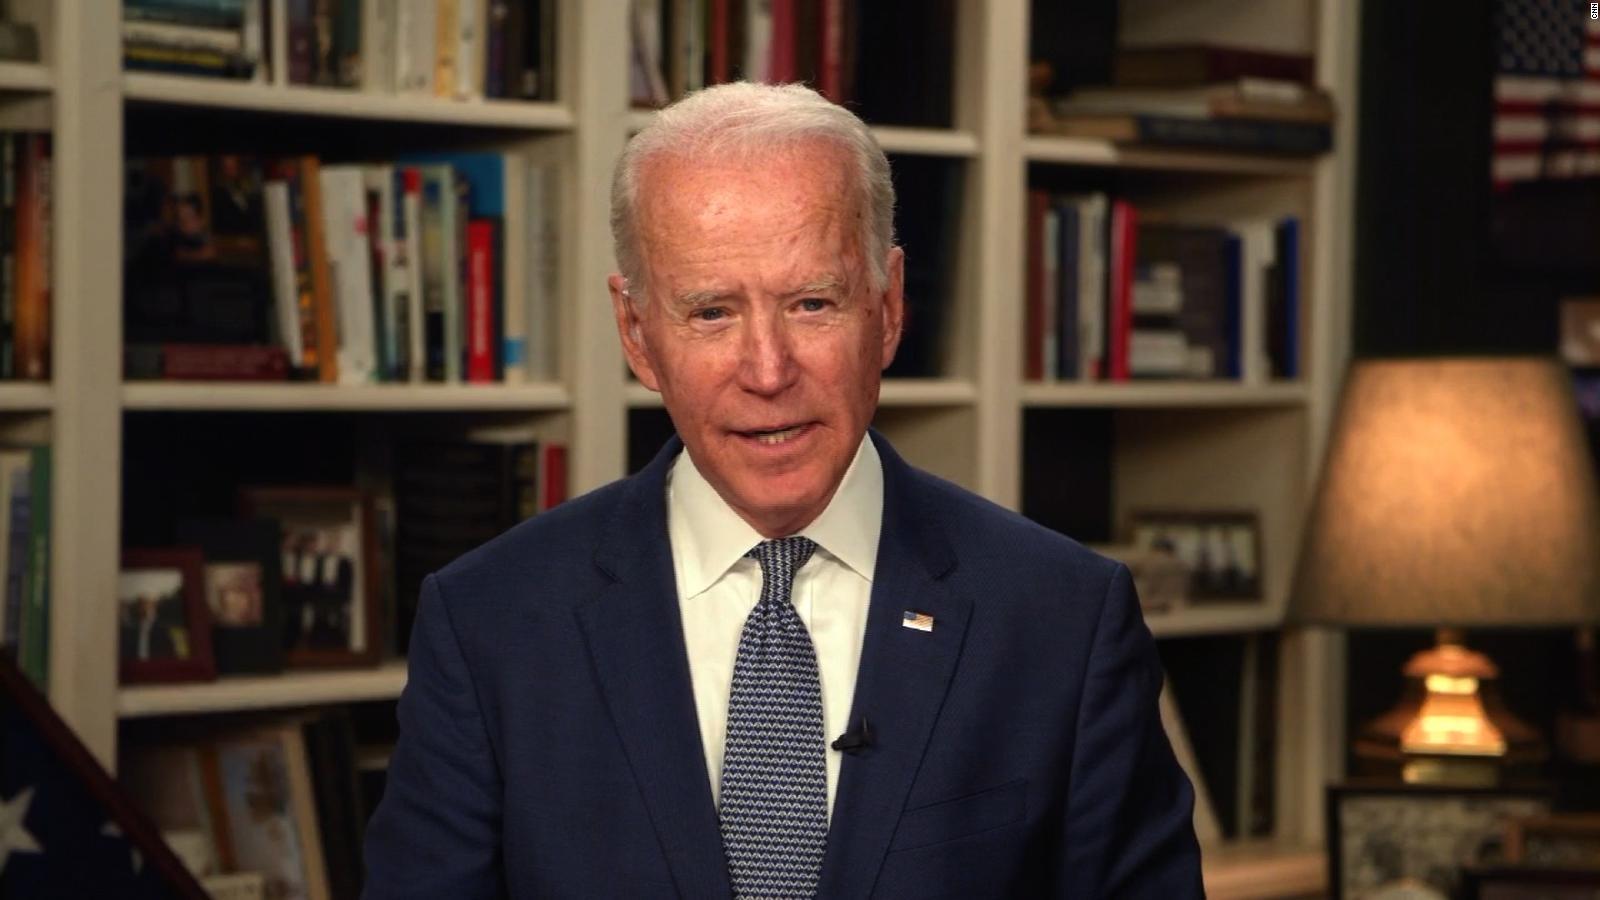 5 Takeaways From Joe Biden S Cnn Town Hall On The Coronavirus Response Cnnpolitics